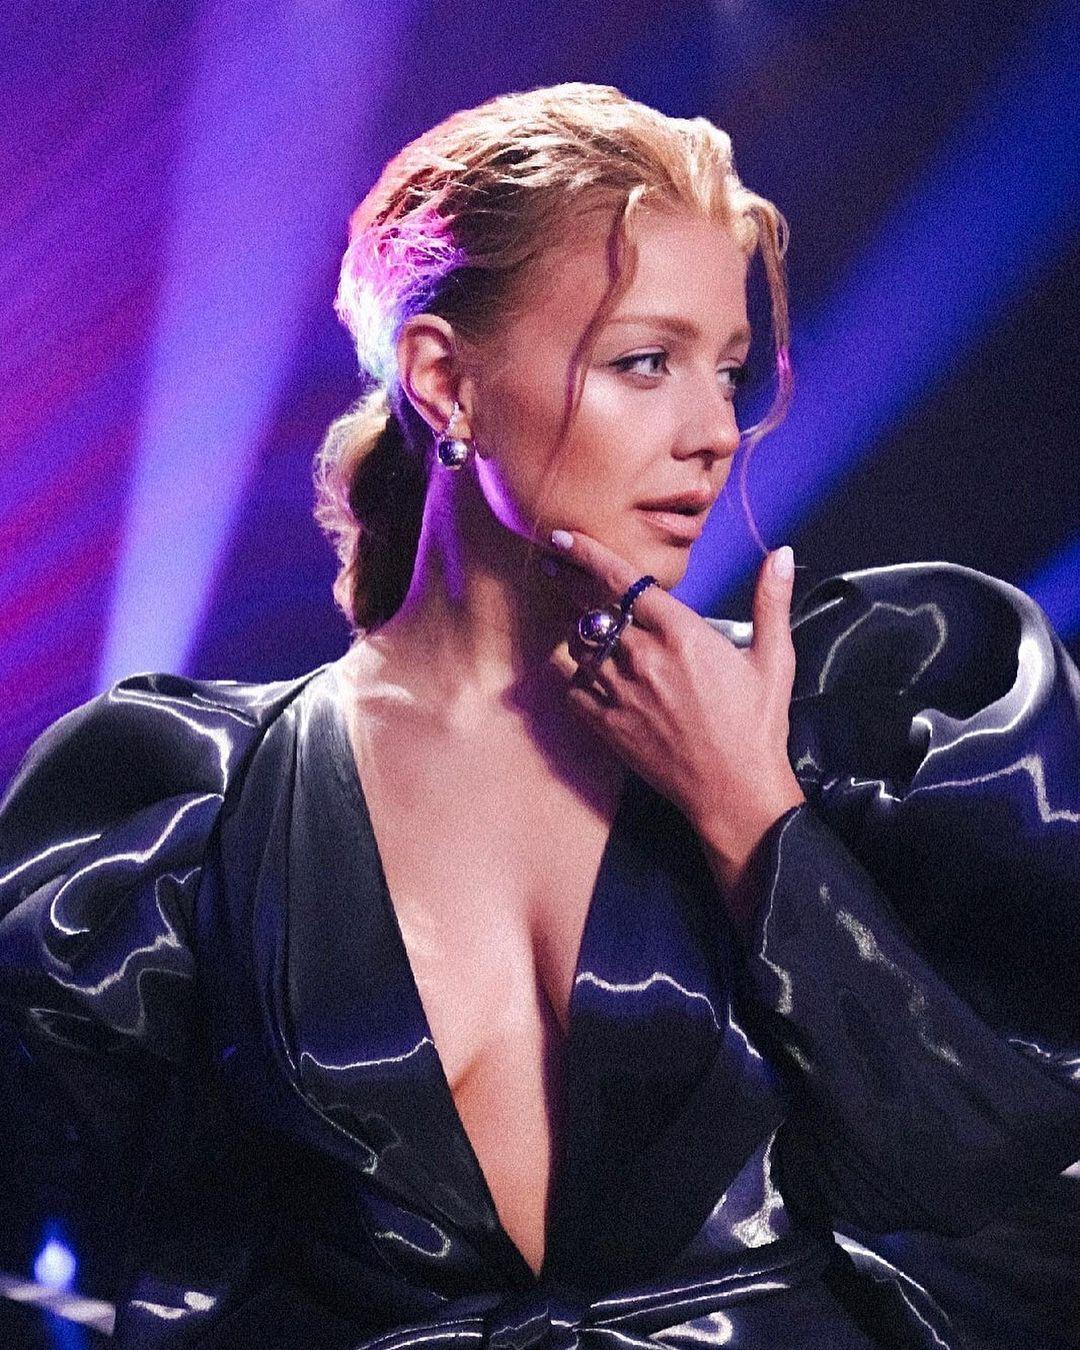 Тіна Кароль позувала перед камерою в сексуальній сукні з глибоким декольте.